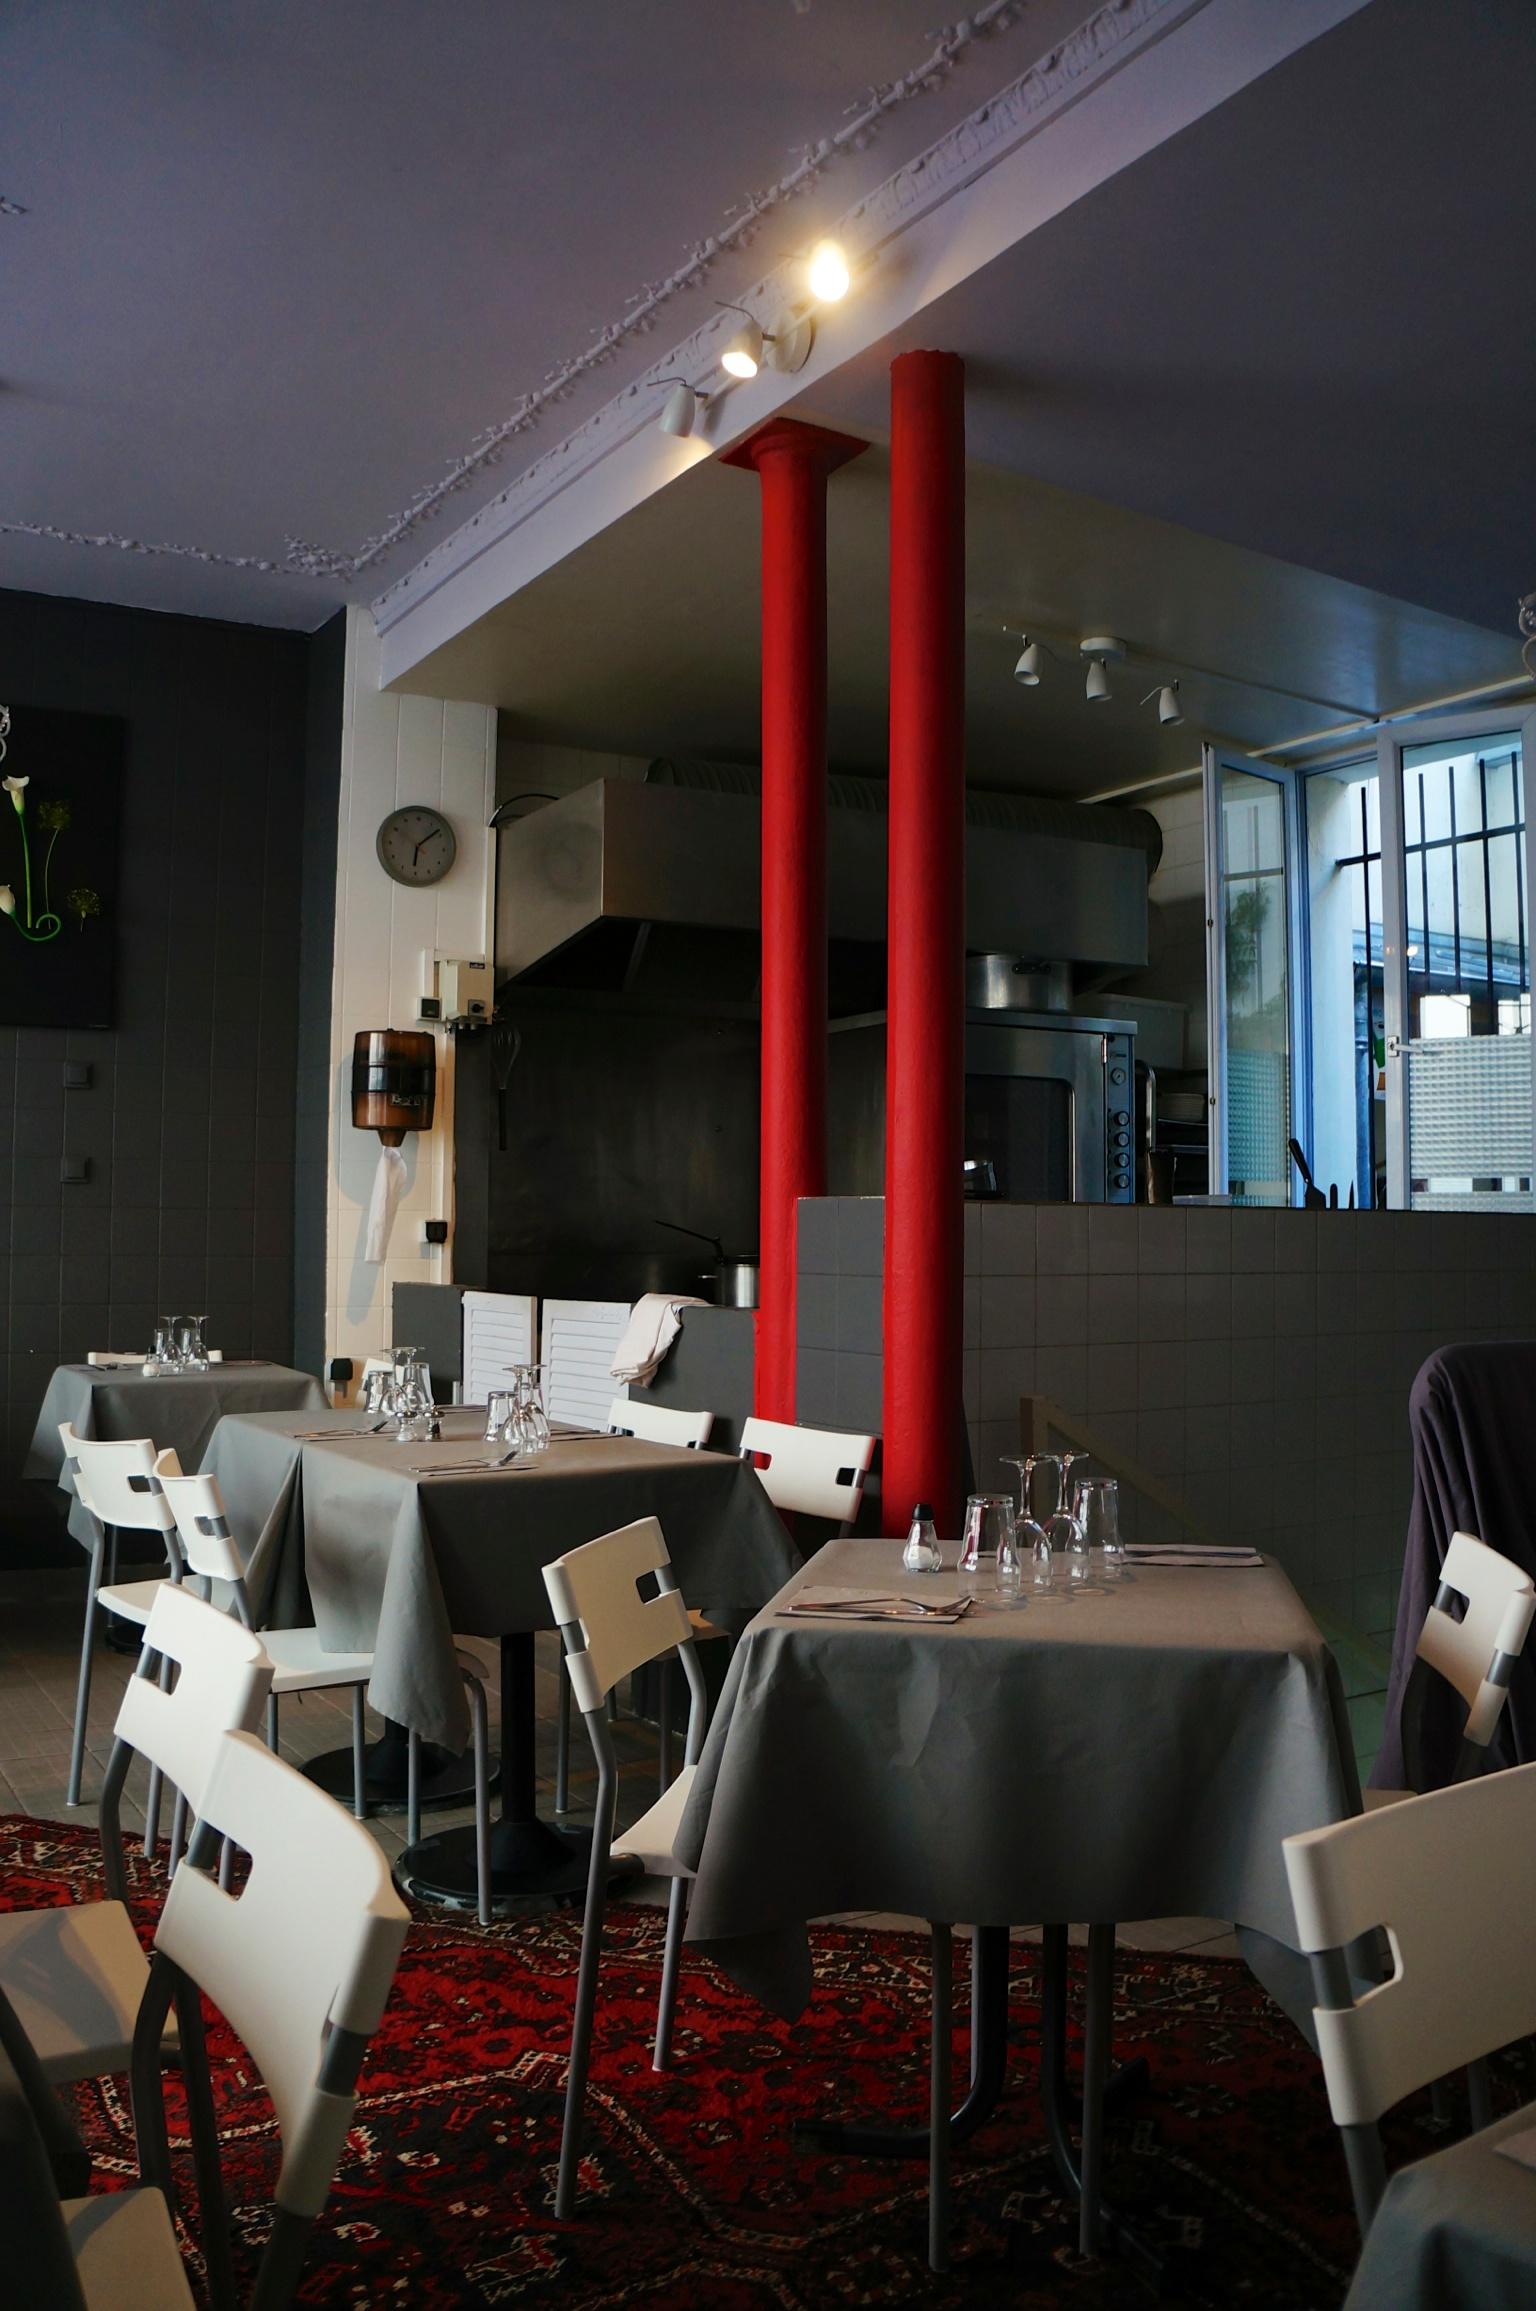 Bon plan relations publiques pro for Cuisine ouverte restaurant